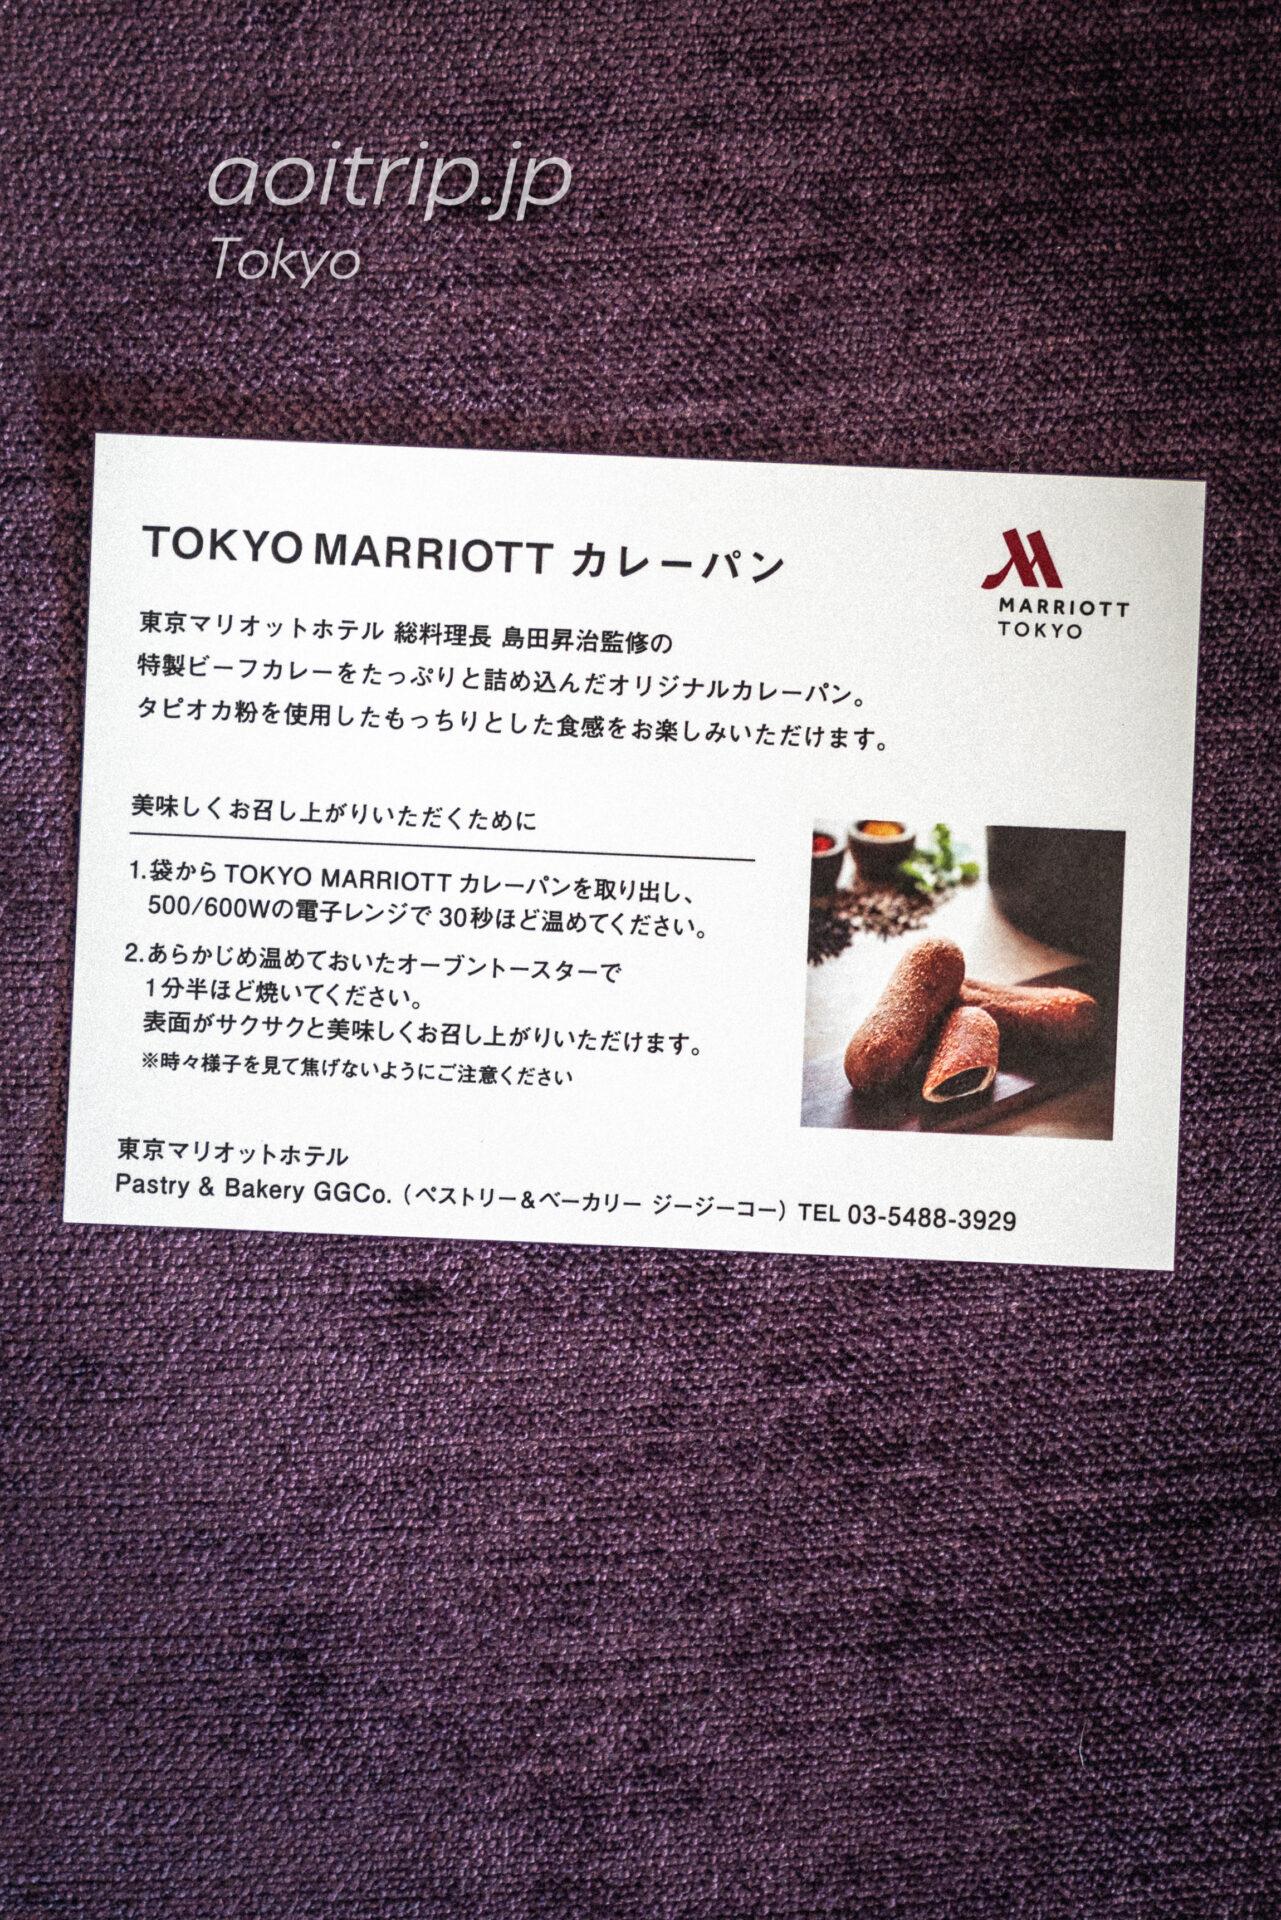 東京マリオットホテル総料理長監修の特製ビーフカレーパン